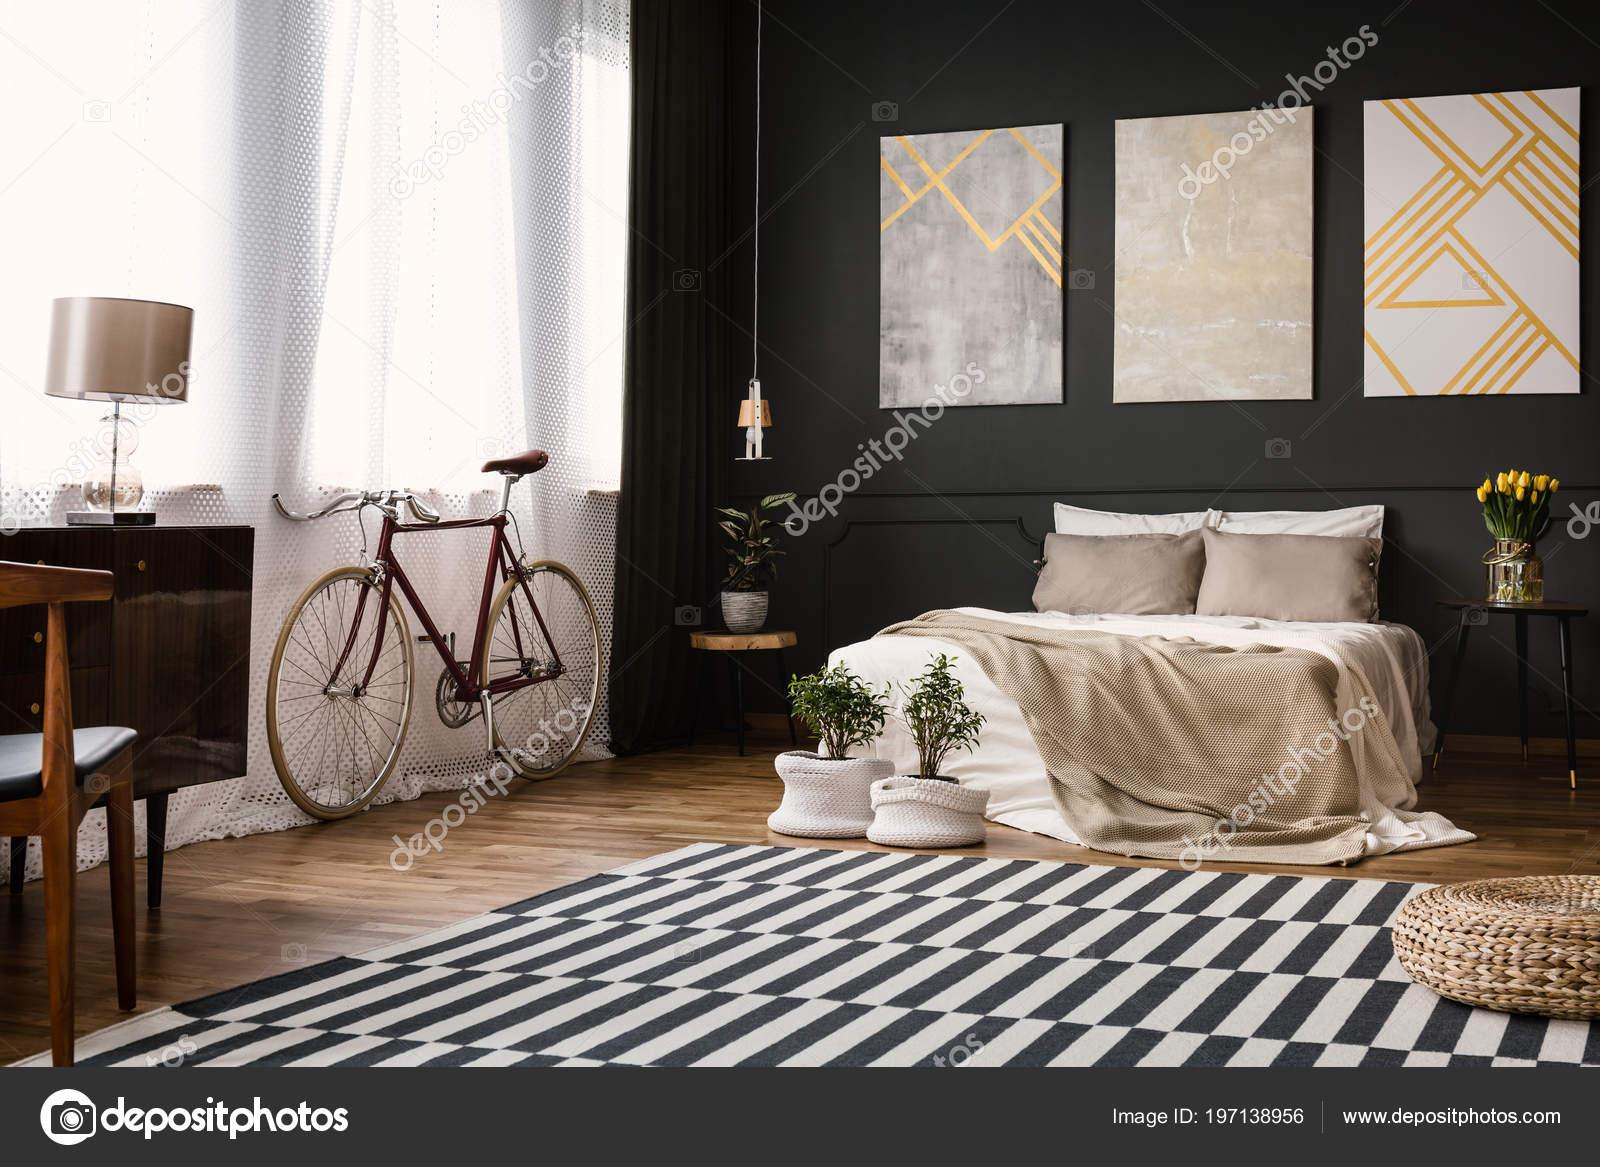 schlafzimmer wand modern schlafzimmer kommode schwarz nussbaum g nstige offene kleiderschr nke. Black Bedroom Furniture Sets. Home Design Ideas